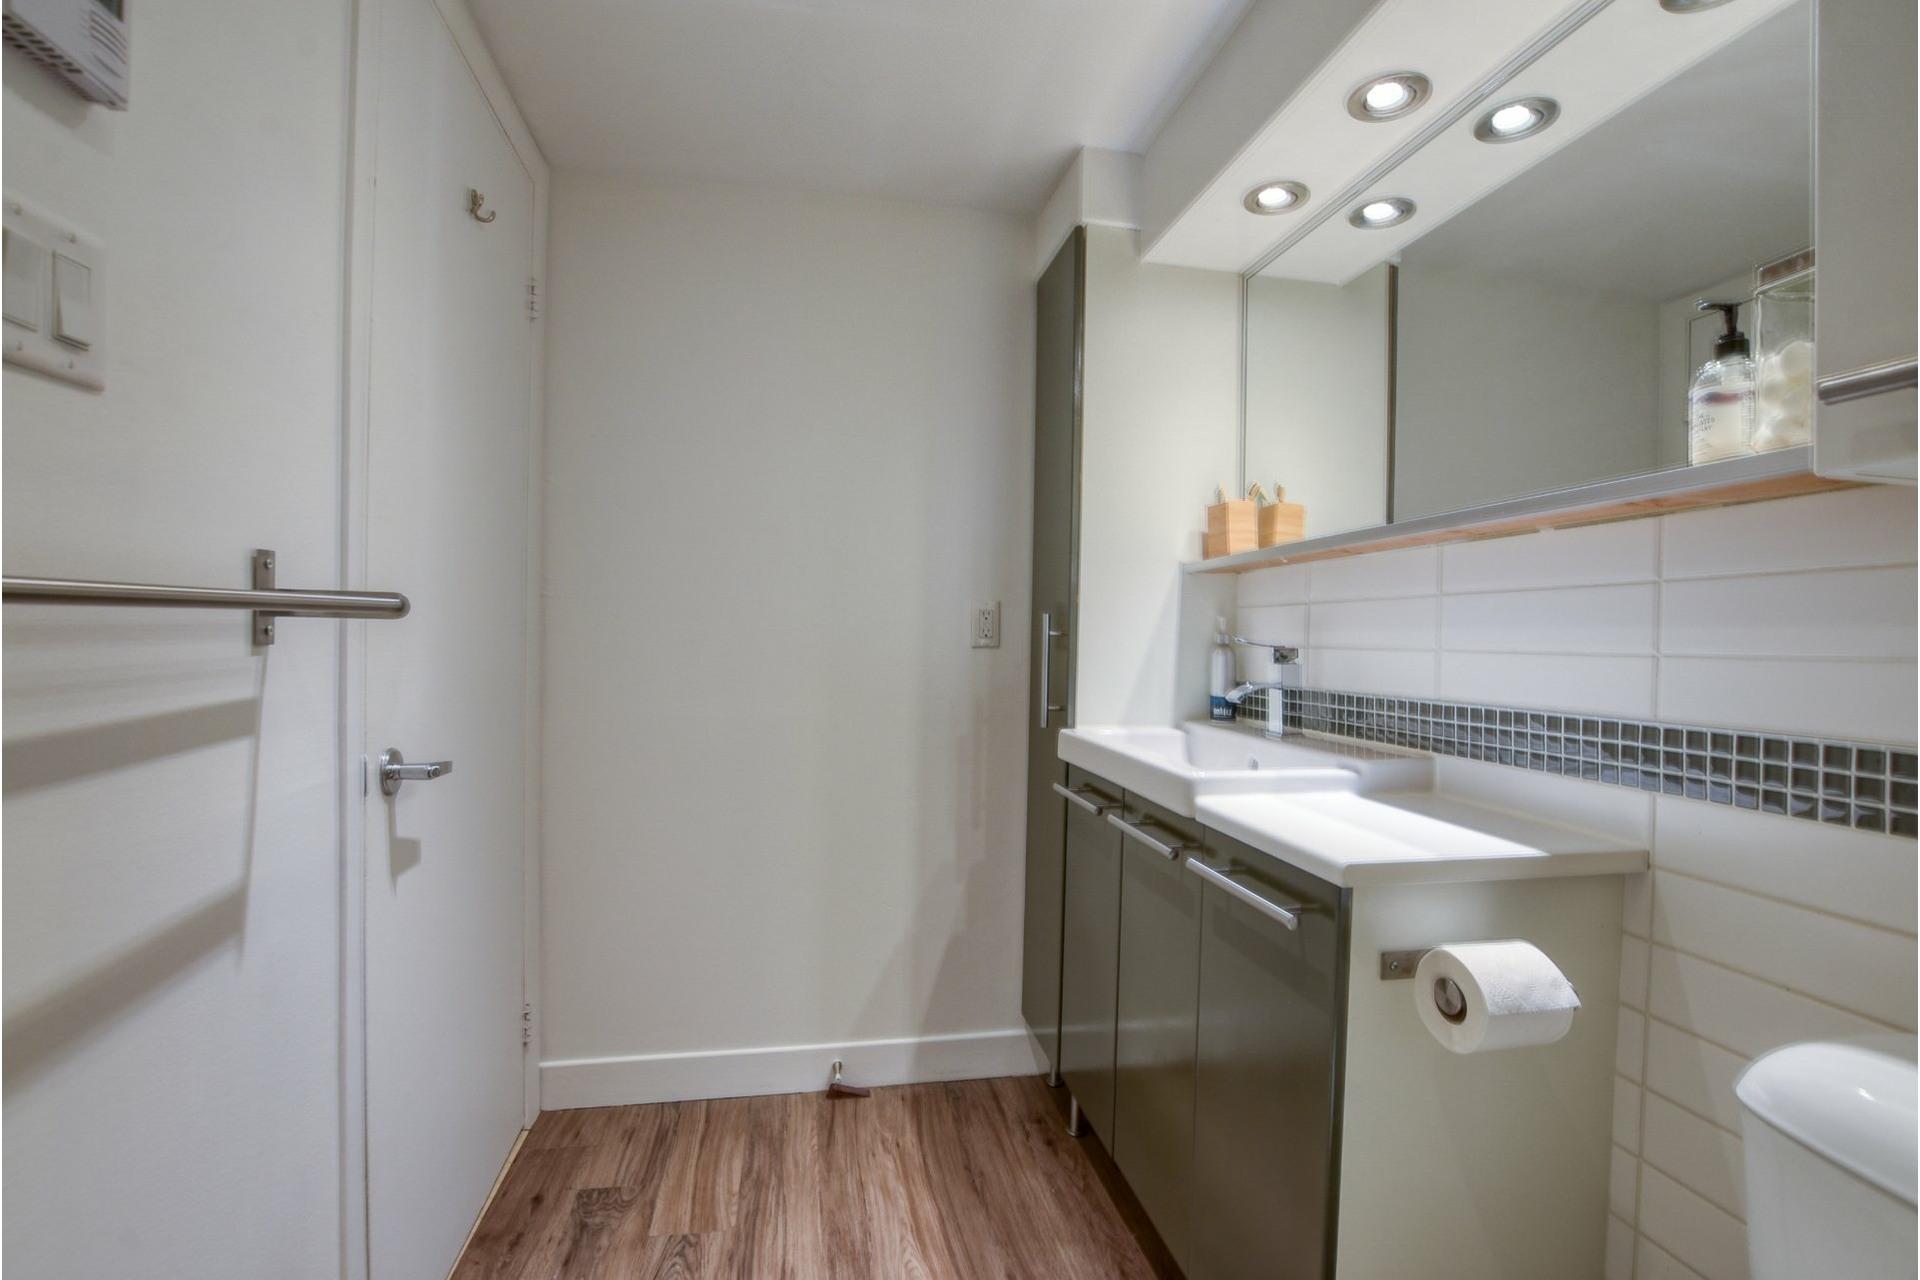 image 14 - Appartement À vendre Ahuntsic-Cartierville Montréal  - 5 pièces